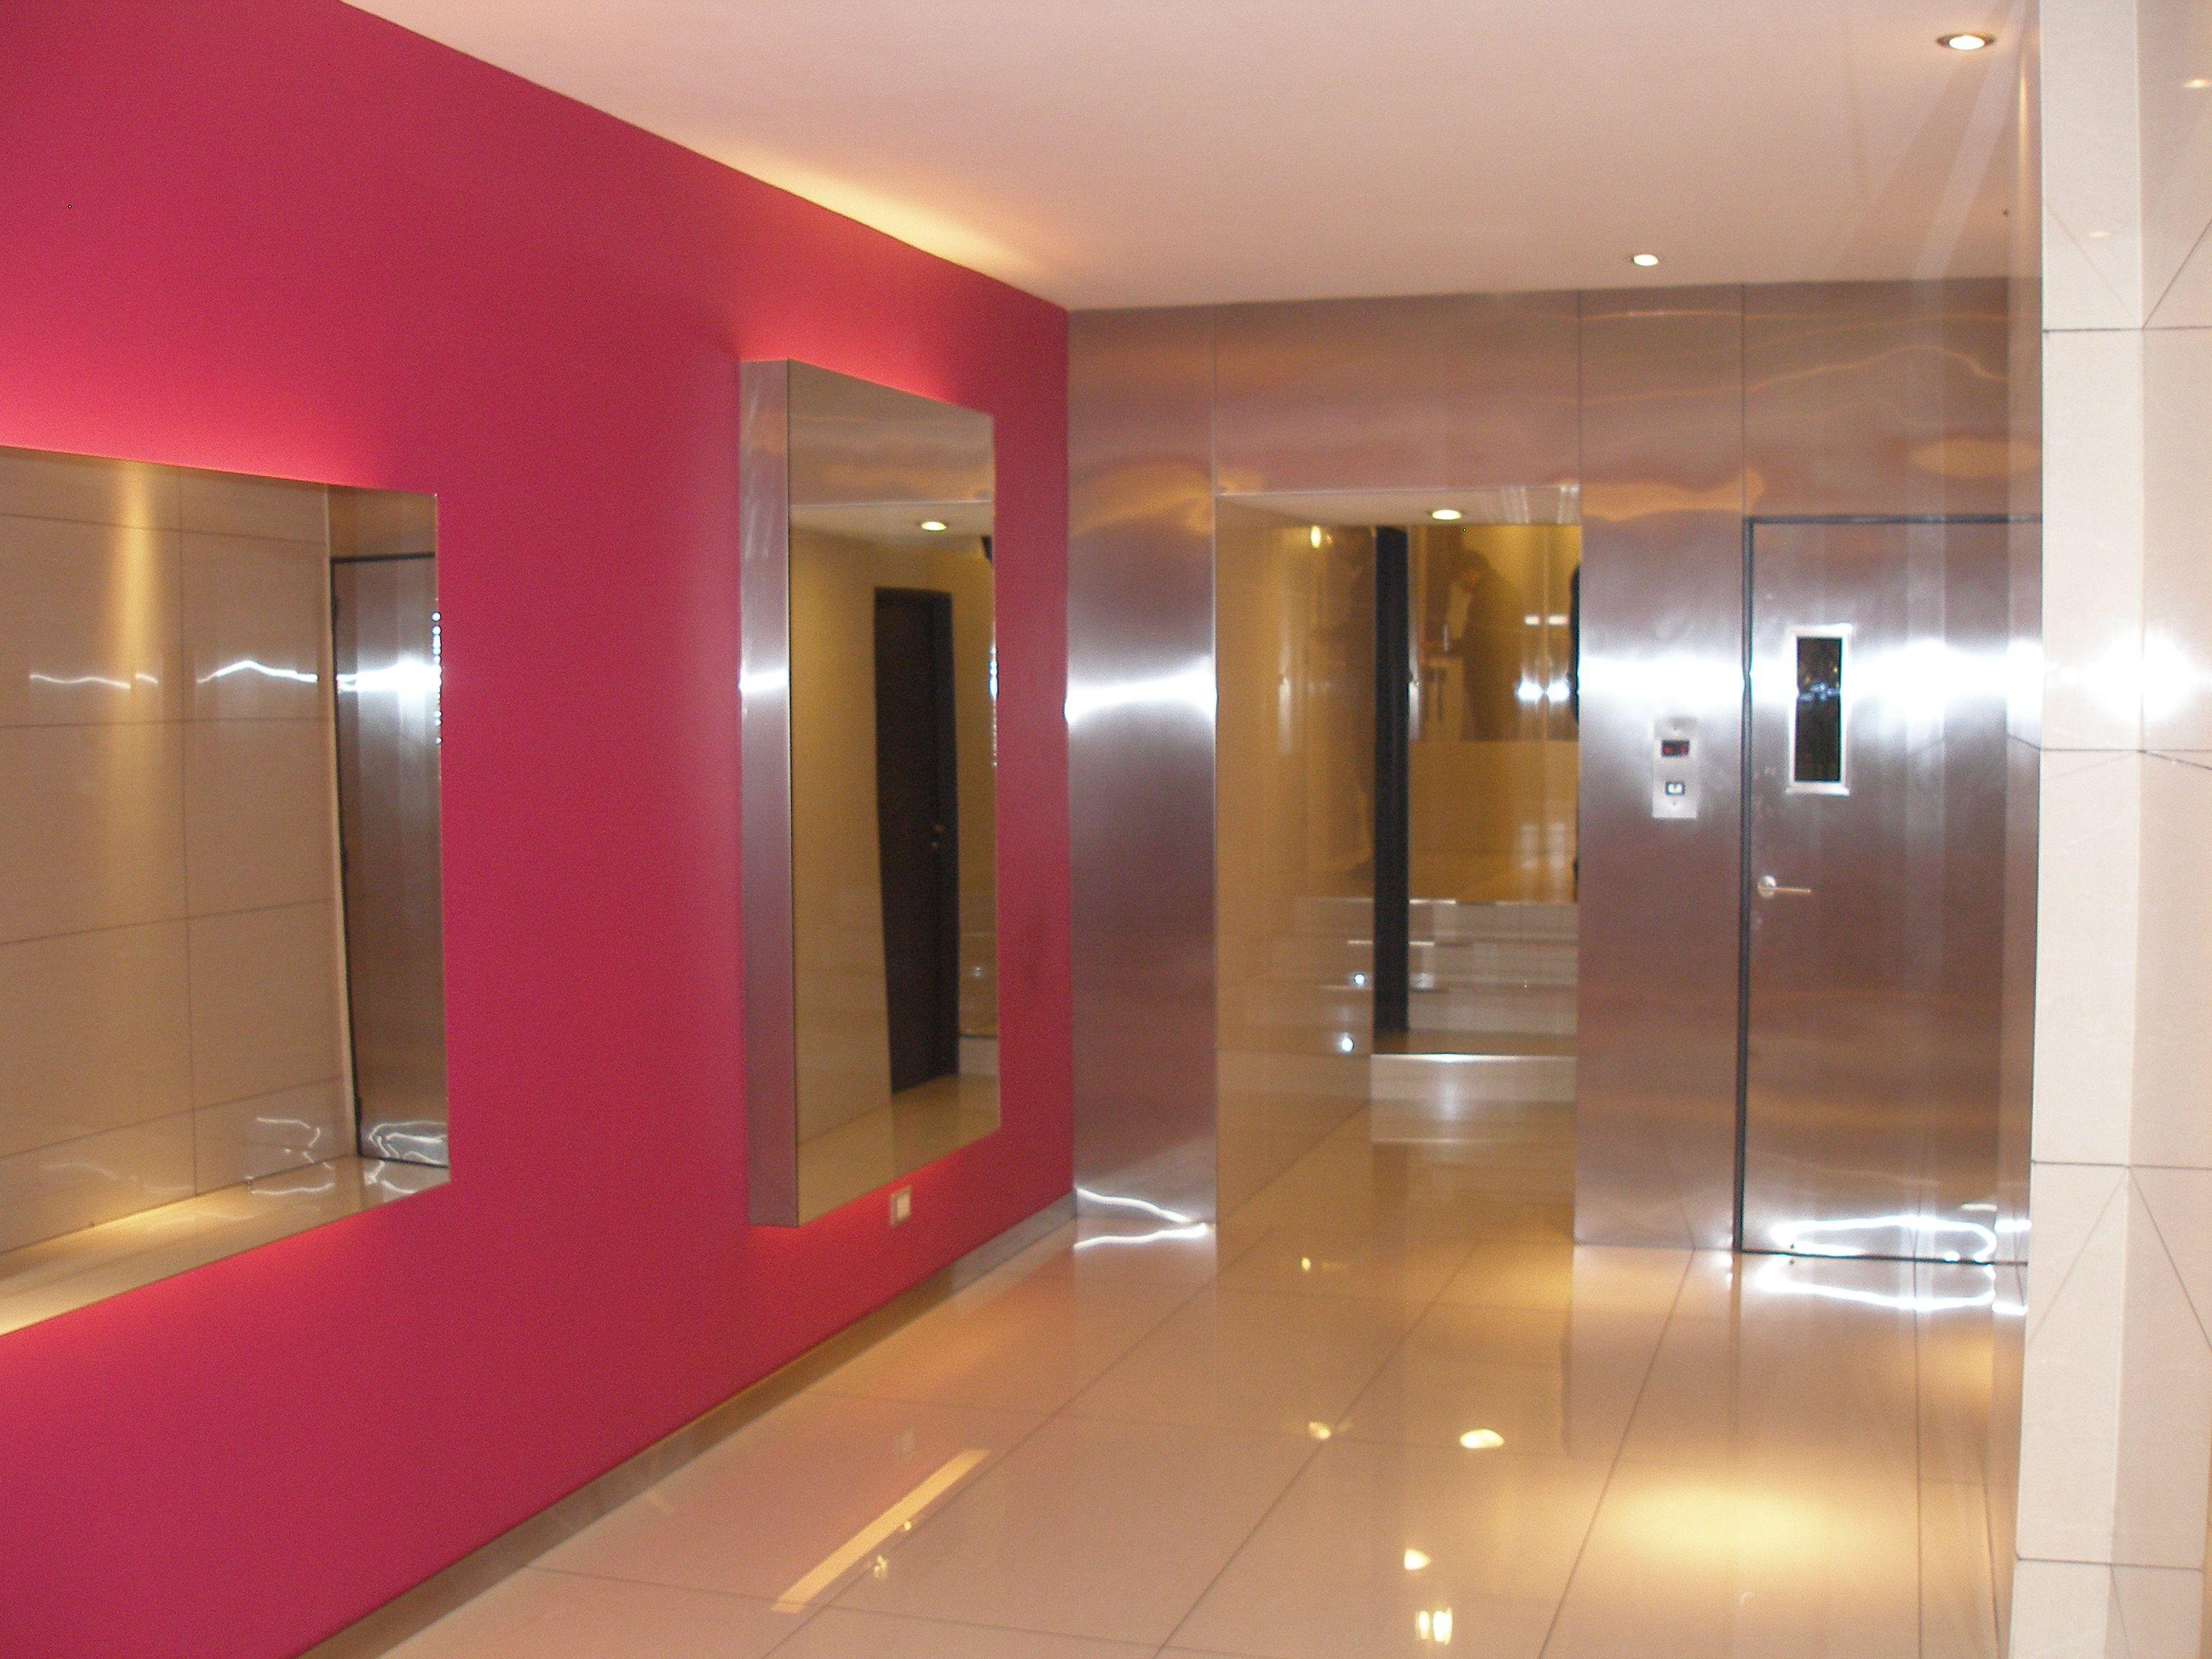 Dise o hall de entrada edificio residencial buenos aires - Decoracion hall de entrada edificios ...